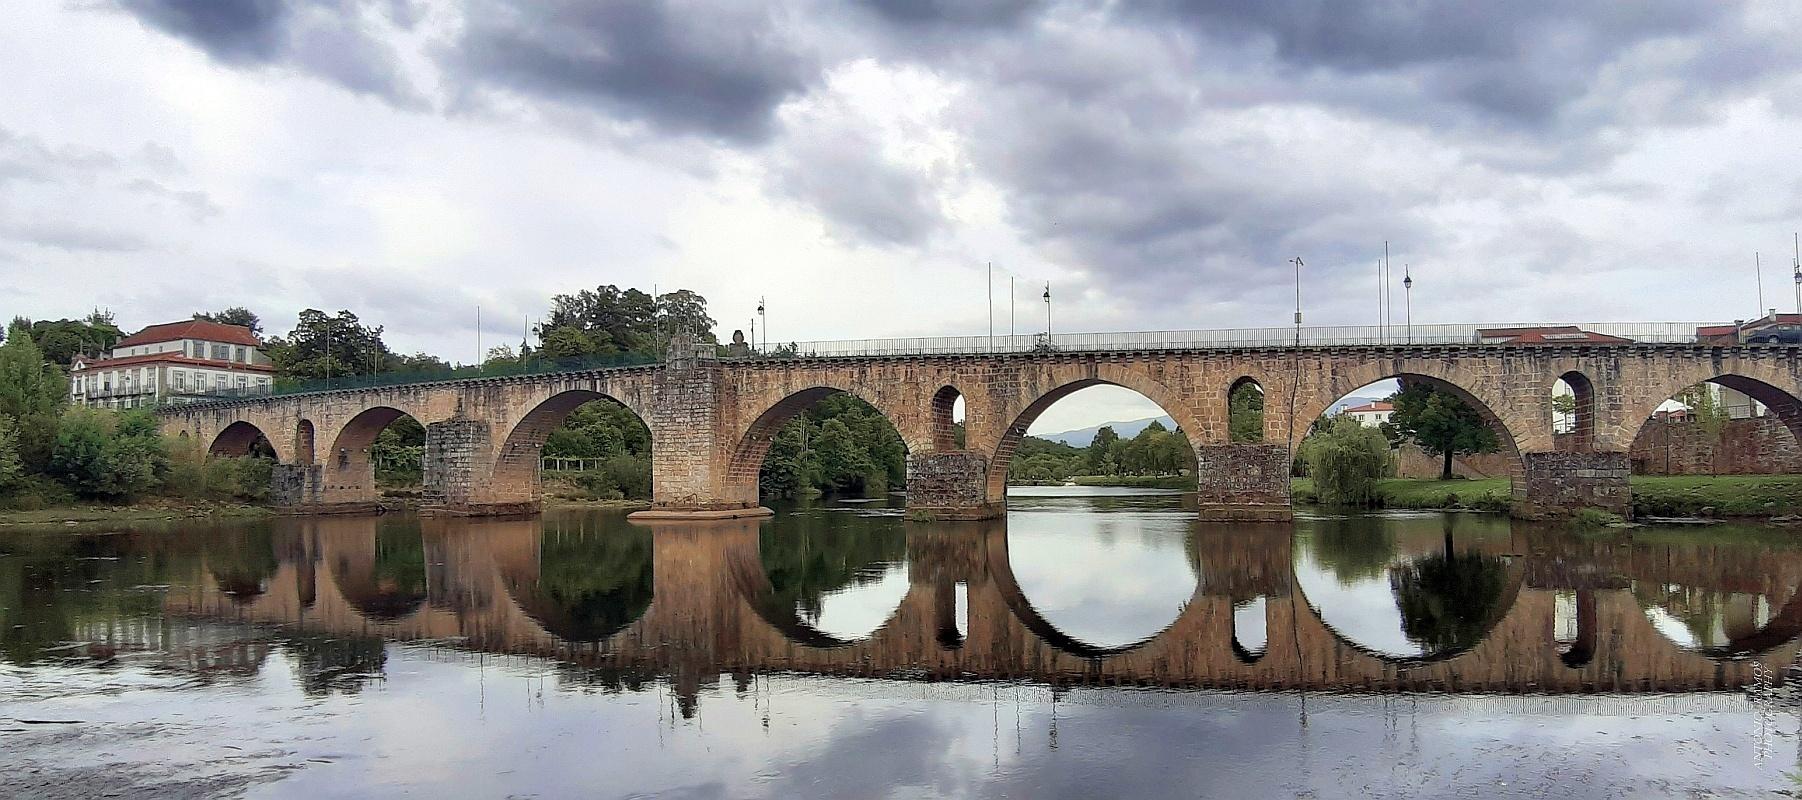 História/Ponte medieval de Ponte da Barca (Abra a imagem).